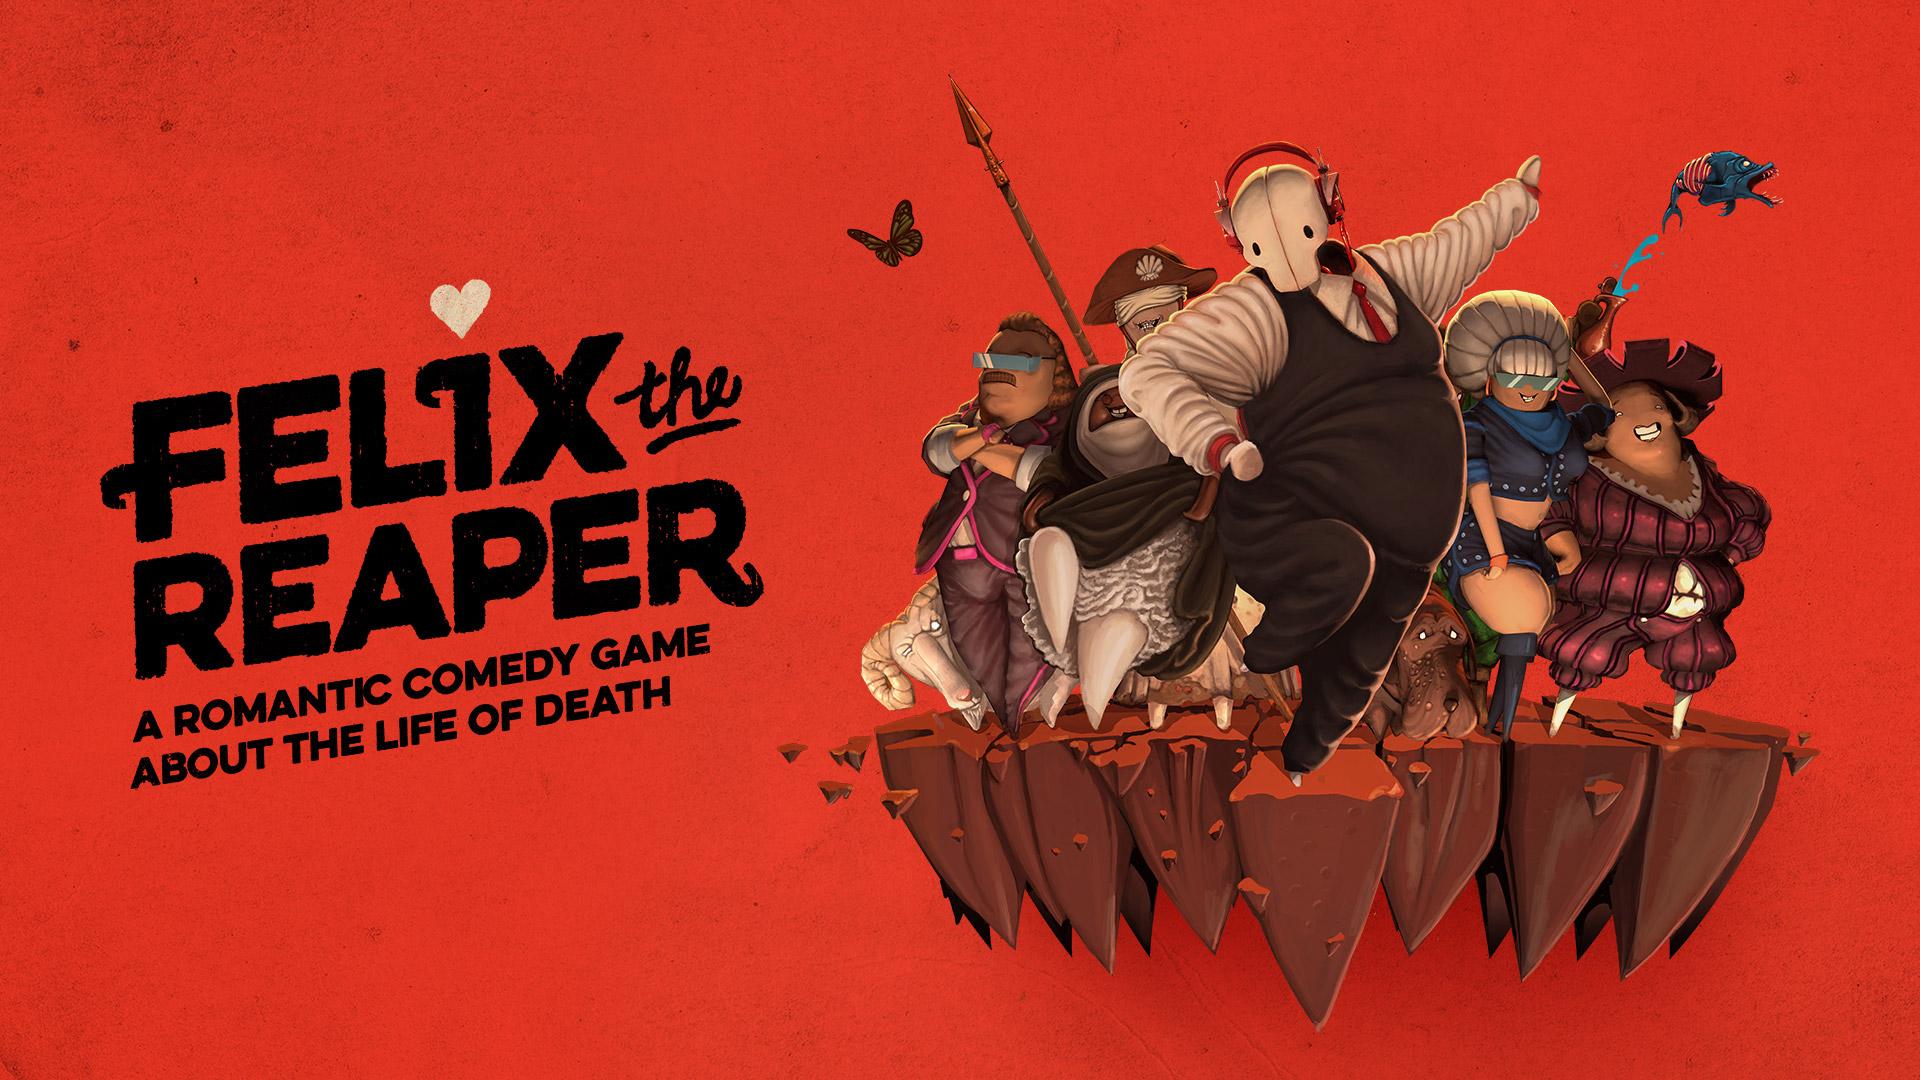 Felix the Reaper Wallpaper in 1920x1080